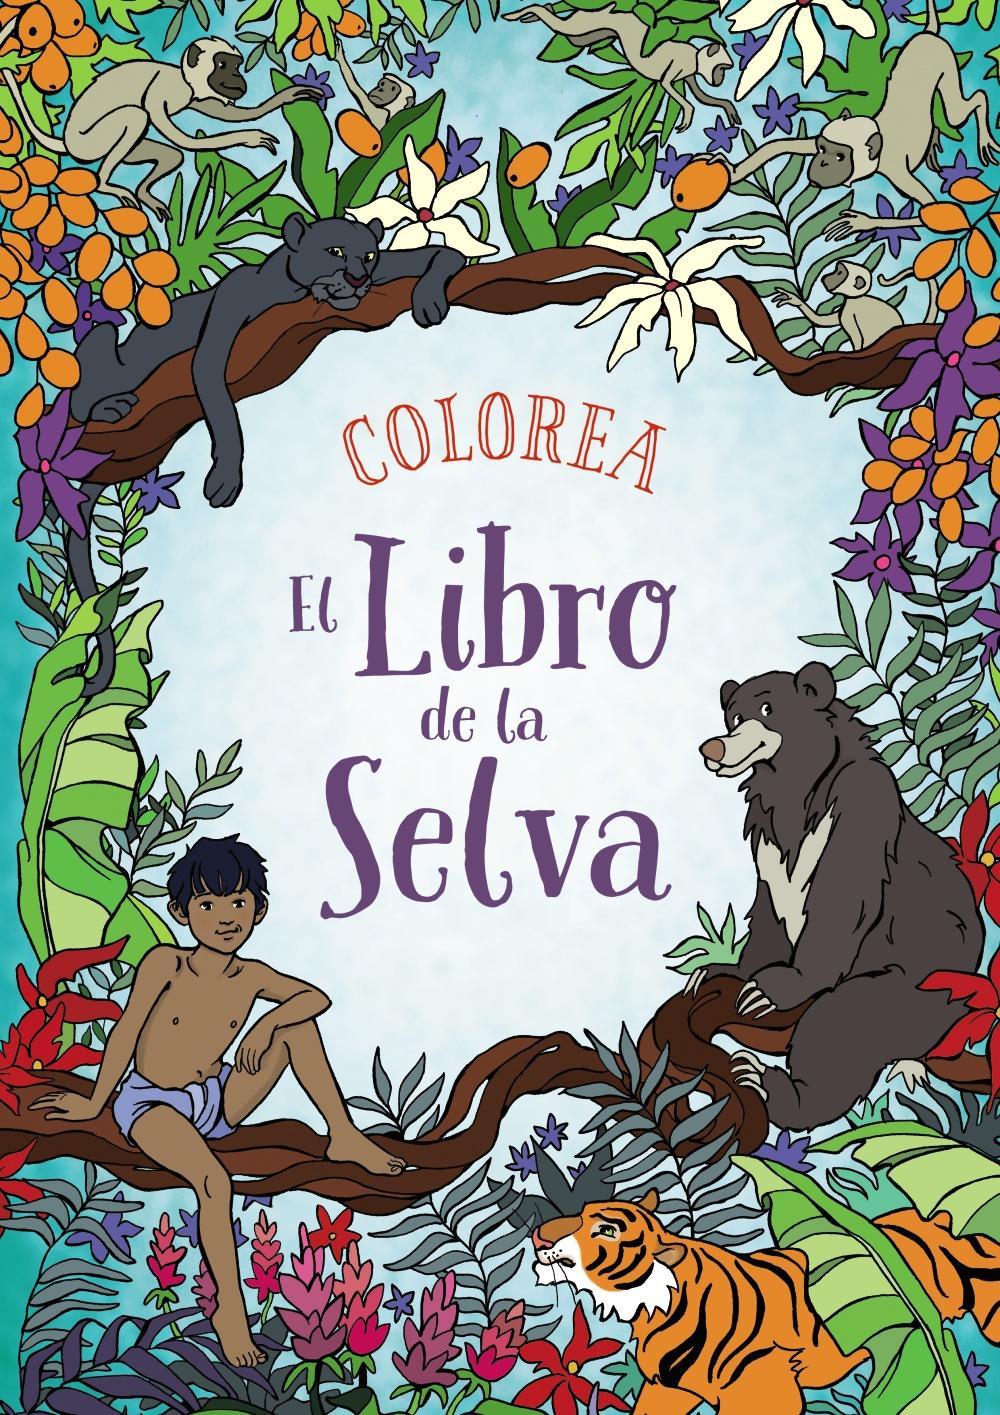 Colorea El Libro de la Selva | Anaya Infantil y Juvenil